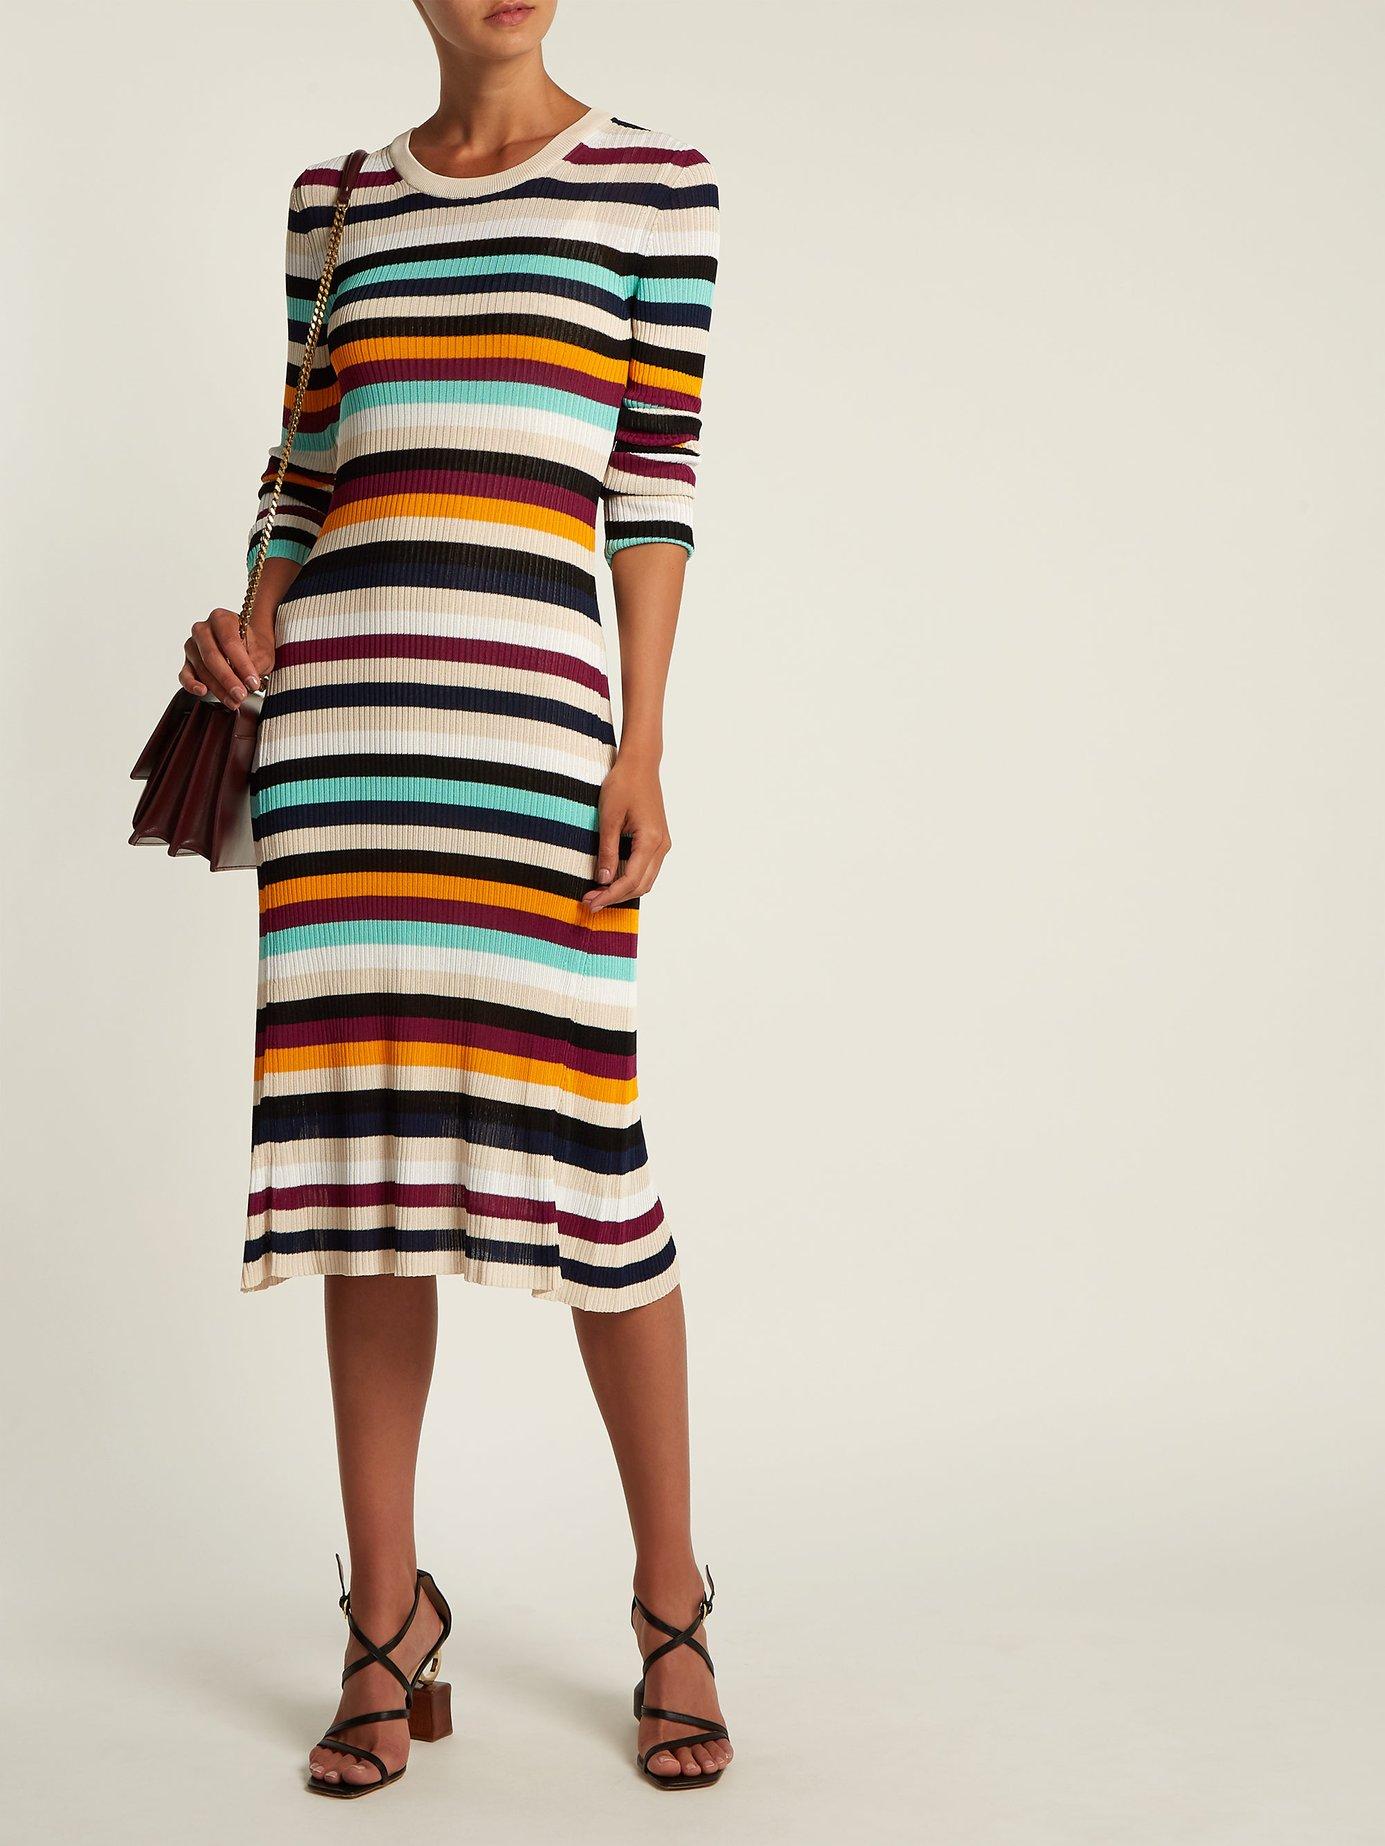 Stills striped knitted dress by Altuzarra